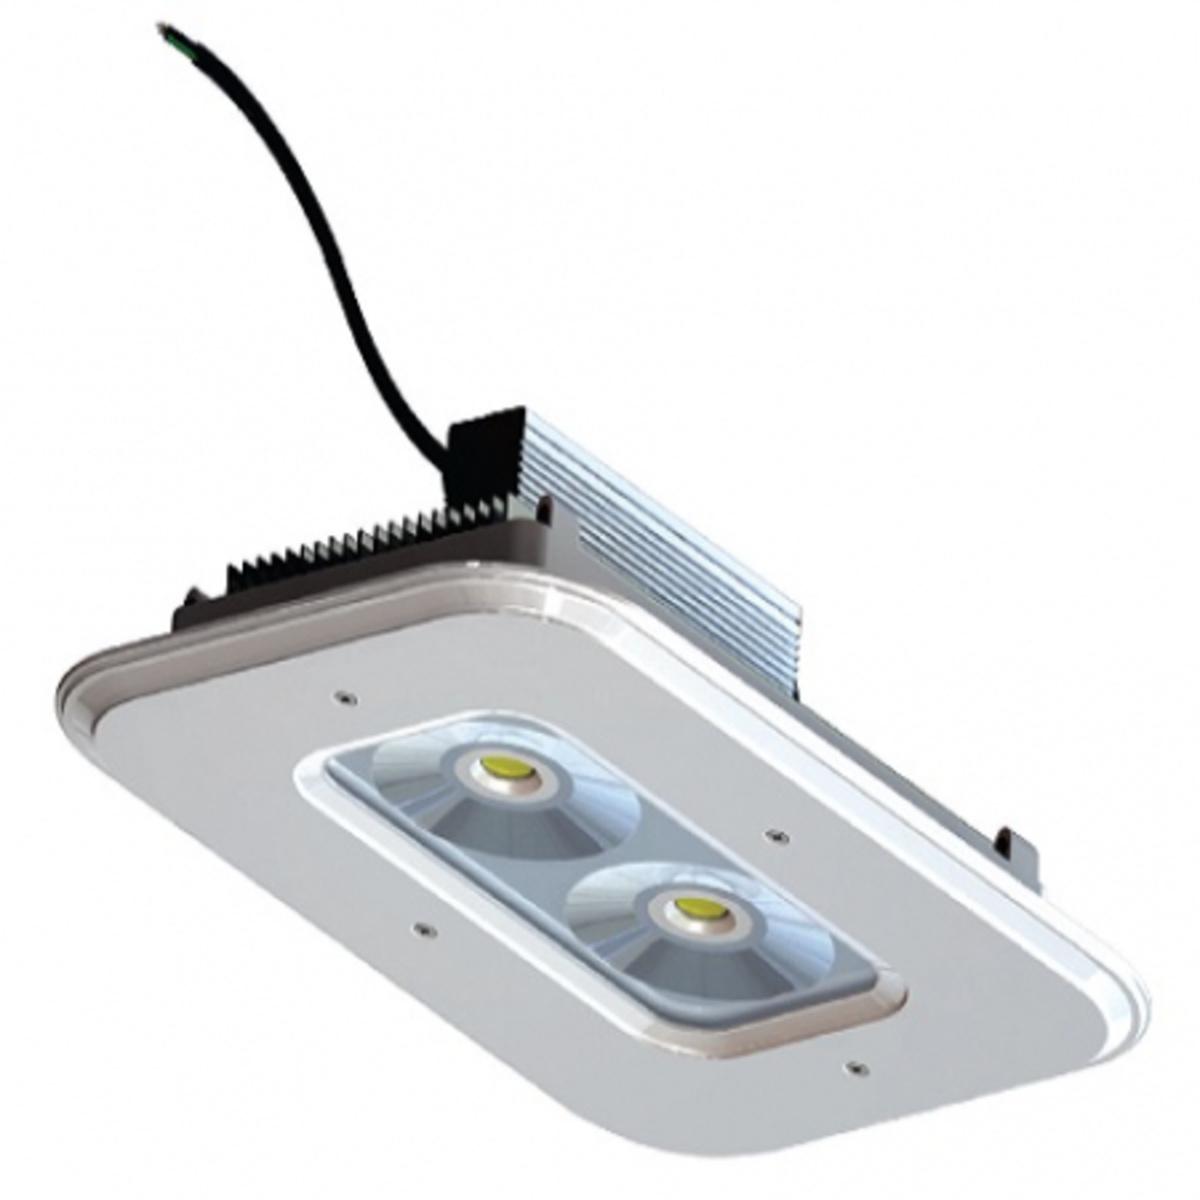 LUMINÁRIA LED 100W POSTO GASOLINA 10800LM 120º 6000K IP65 IRC 80 ZL-3205  (2X50W) ZAGONEL